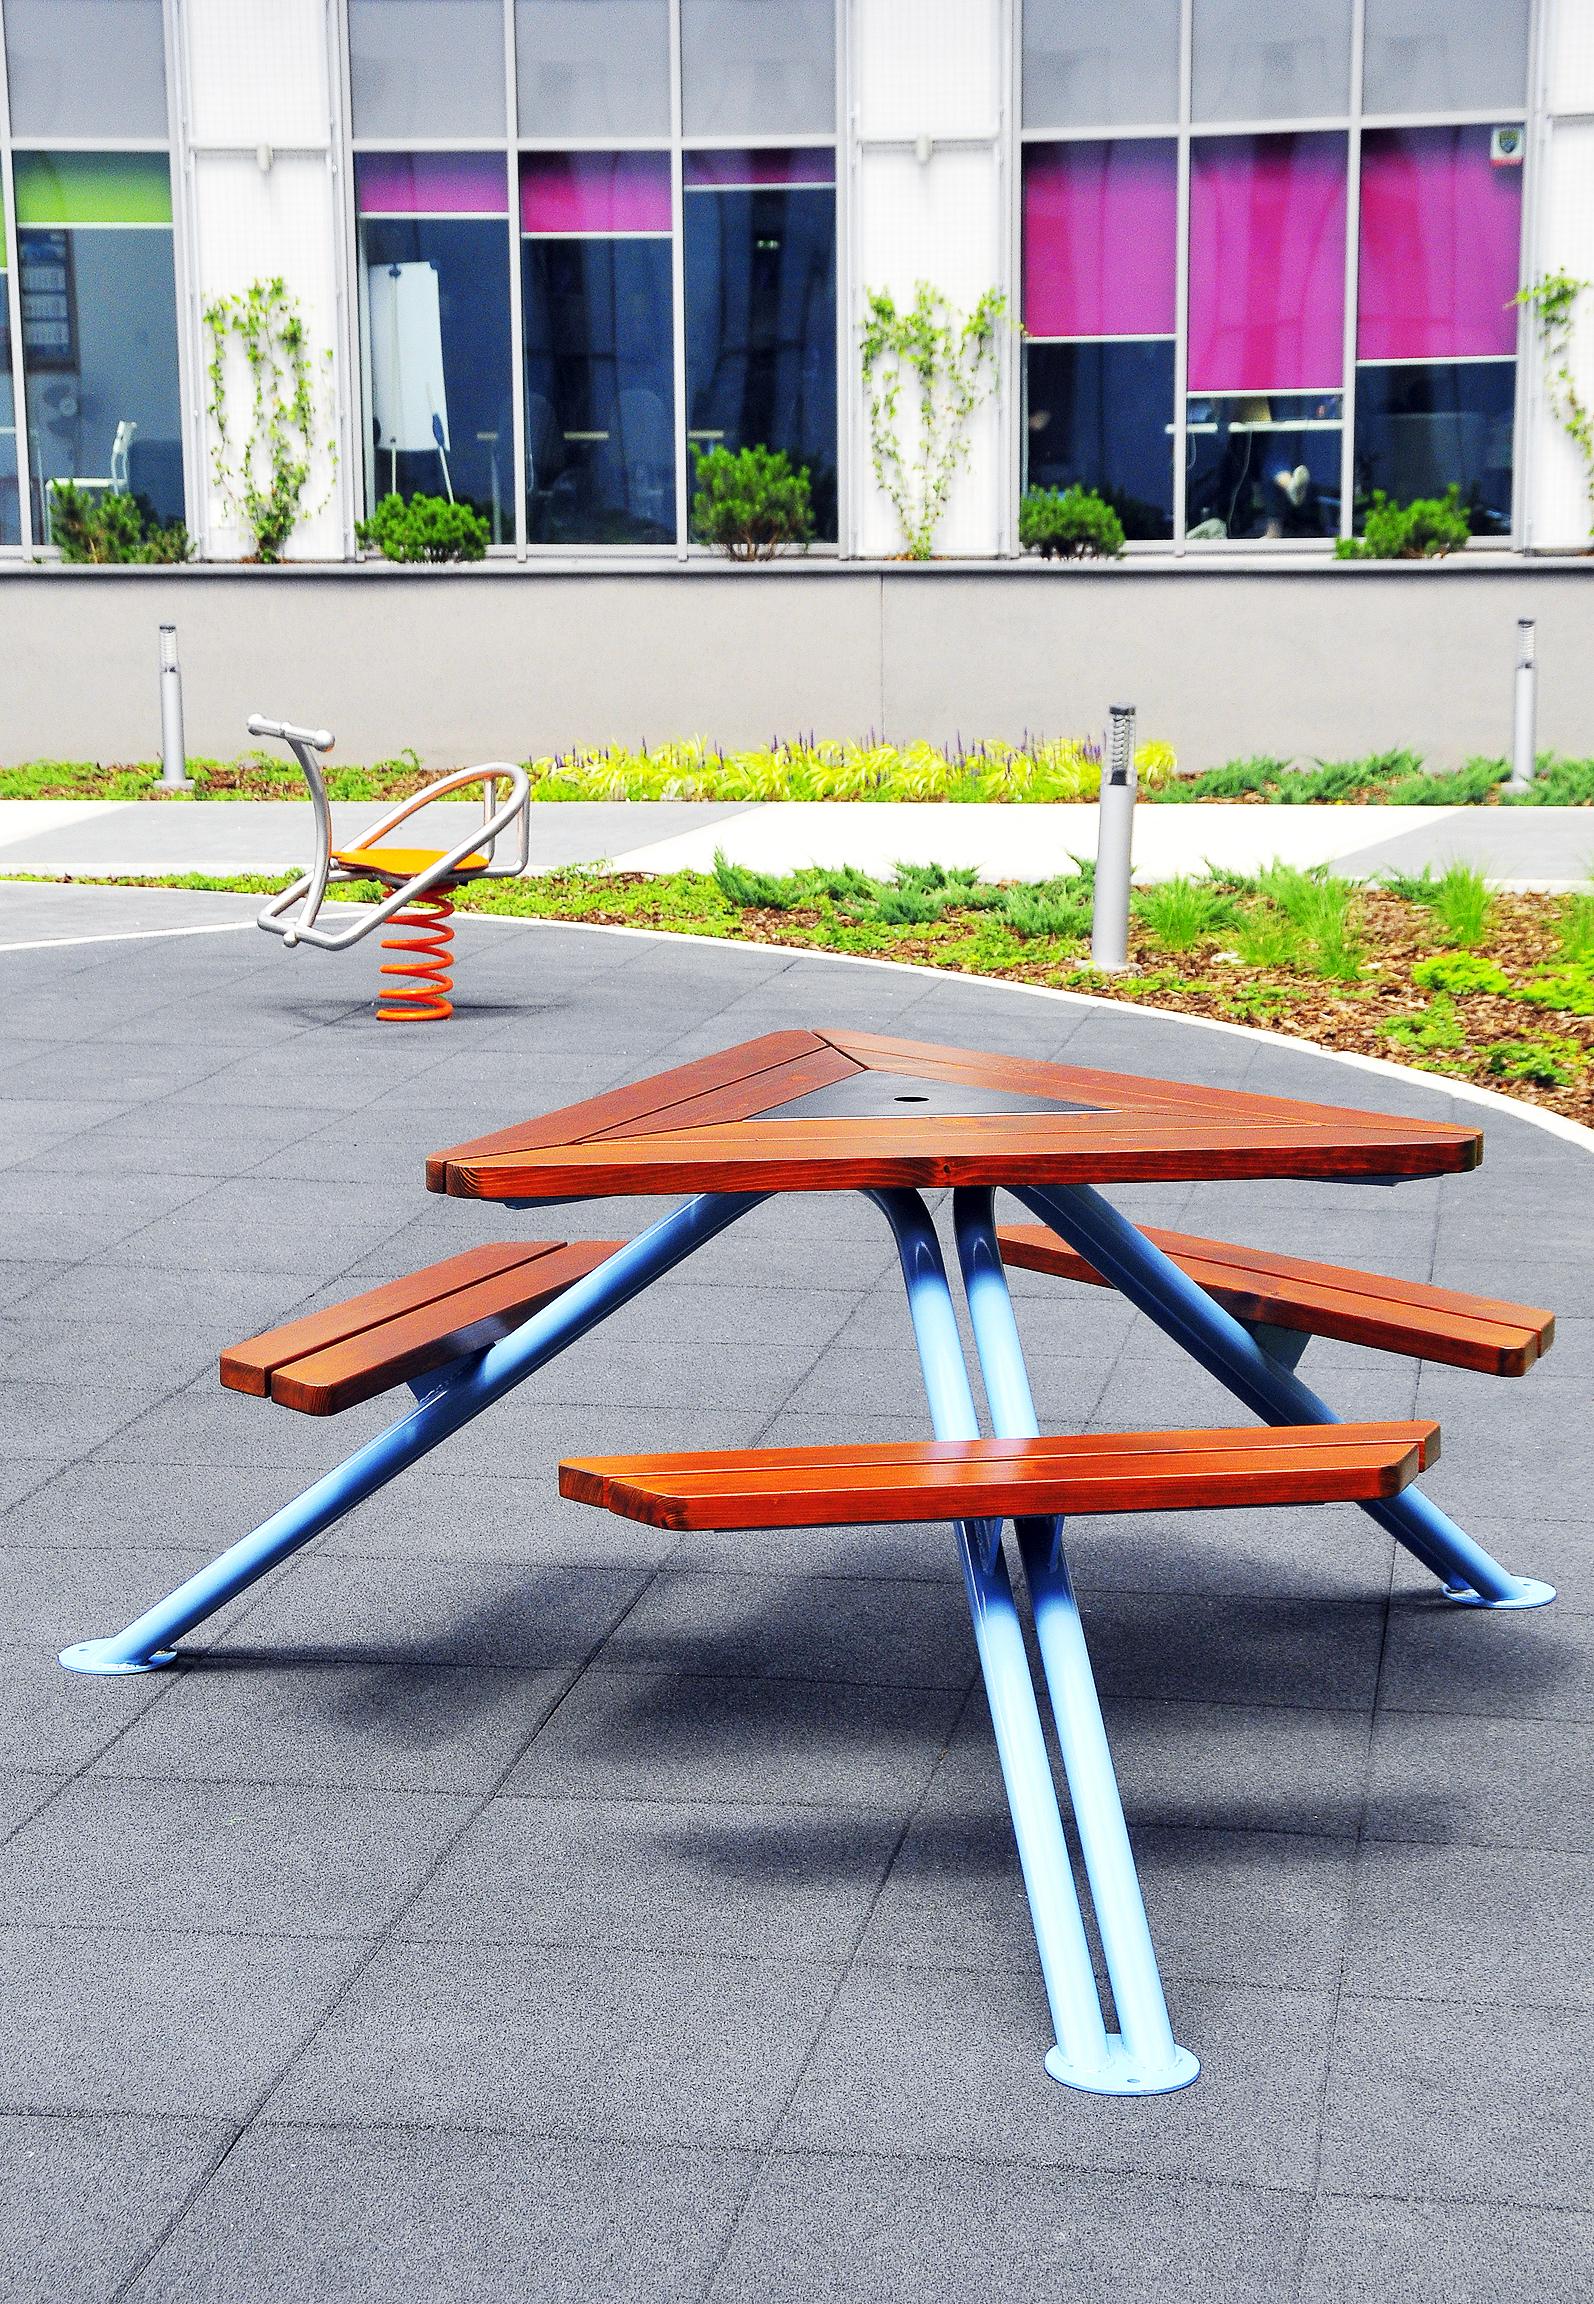 mars-stol-piknikowy-dla-miast-ogrodow-parkow